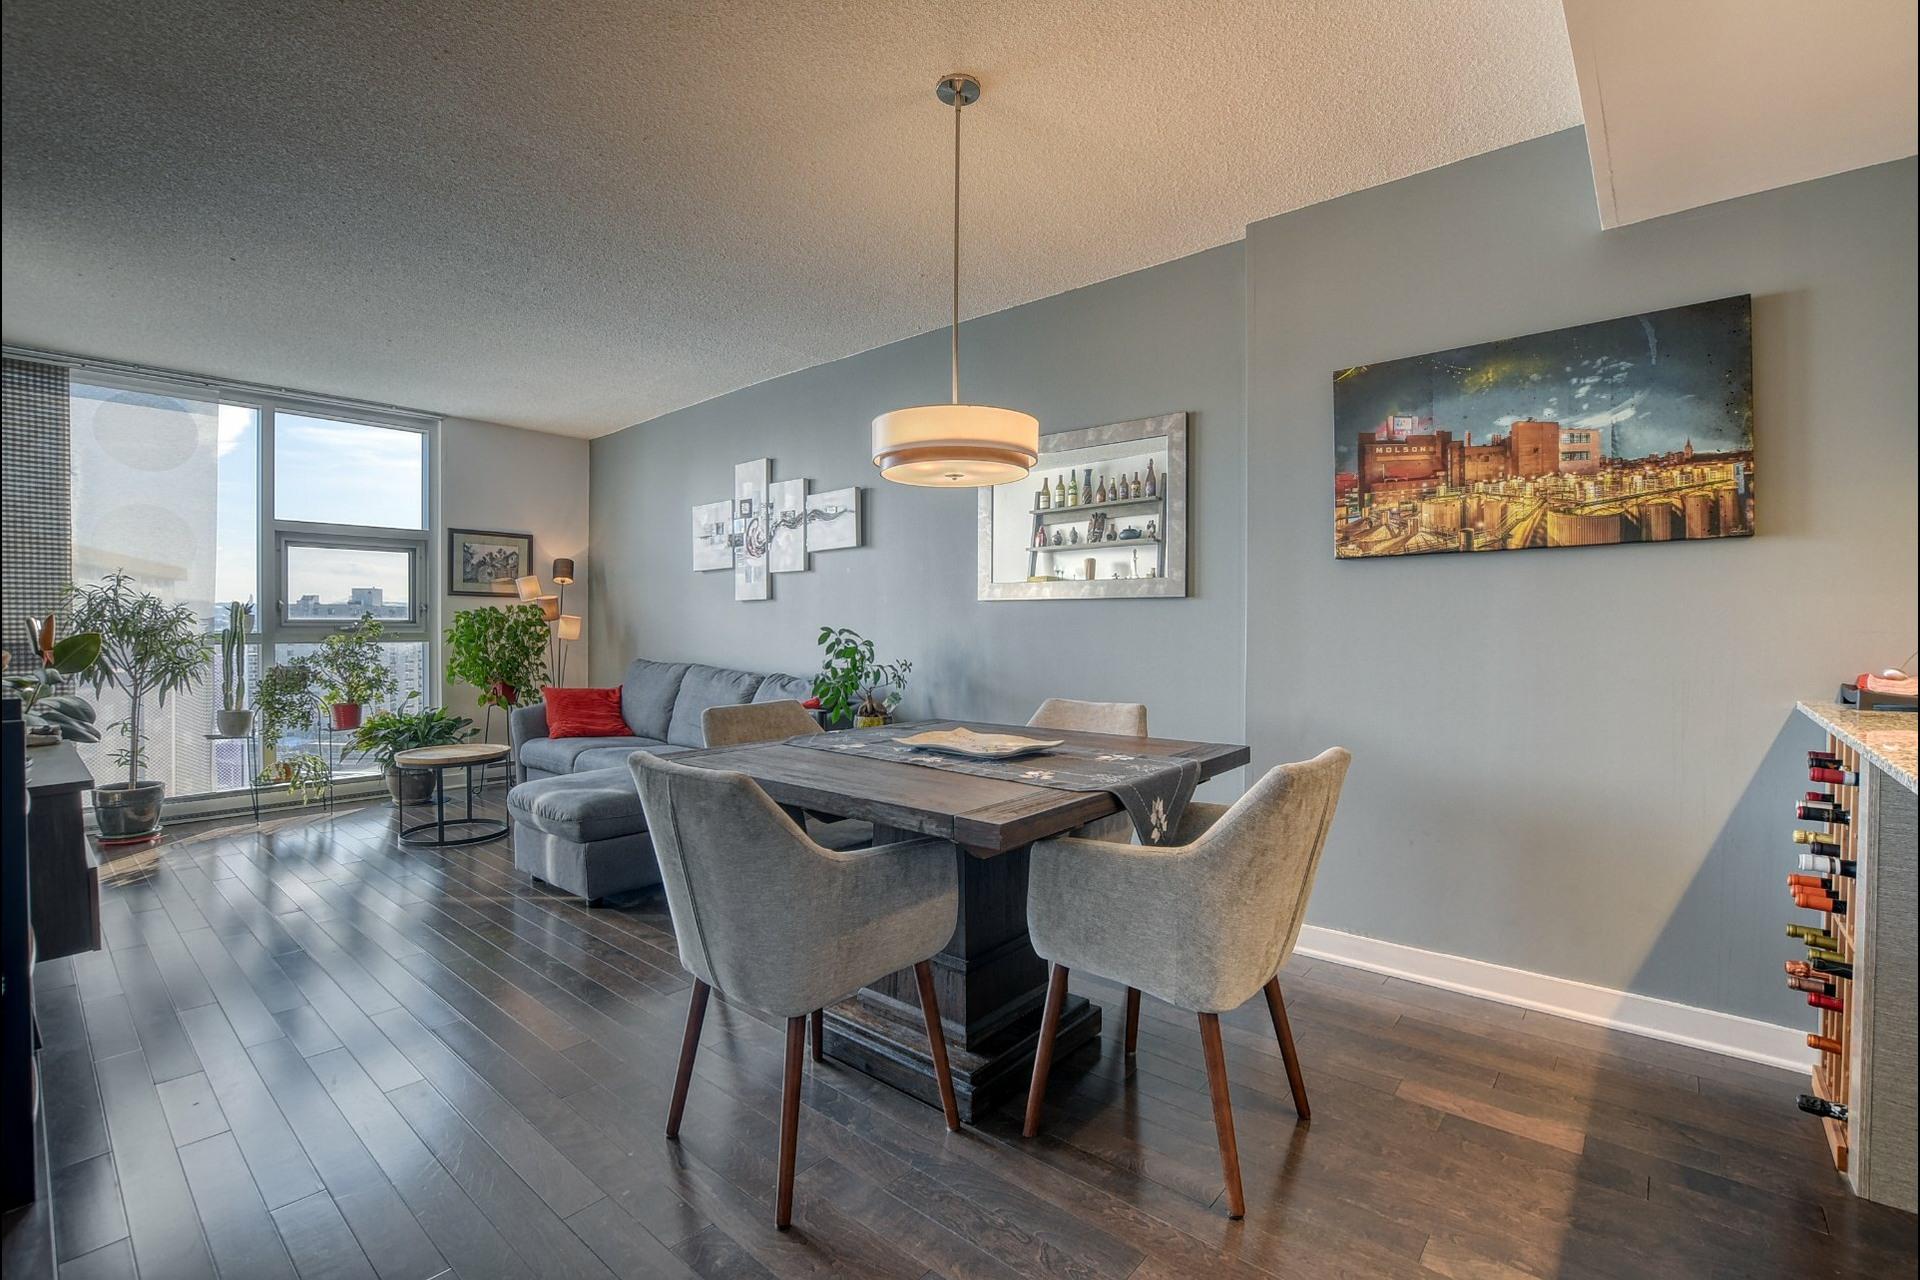 image 8 - Appartement À vendre Ahuntsic-Cartierville Montréal  - 4 pièces